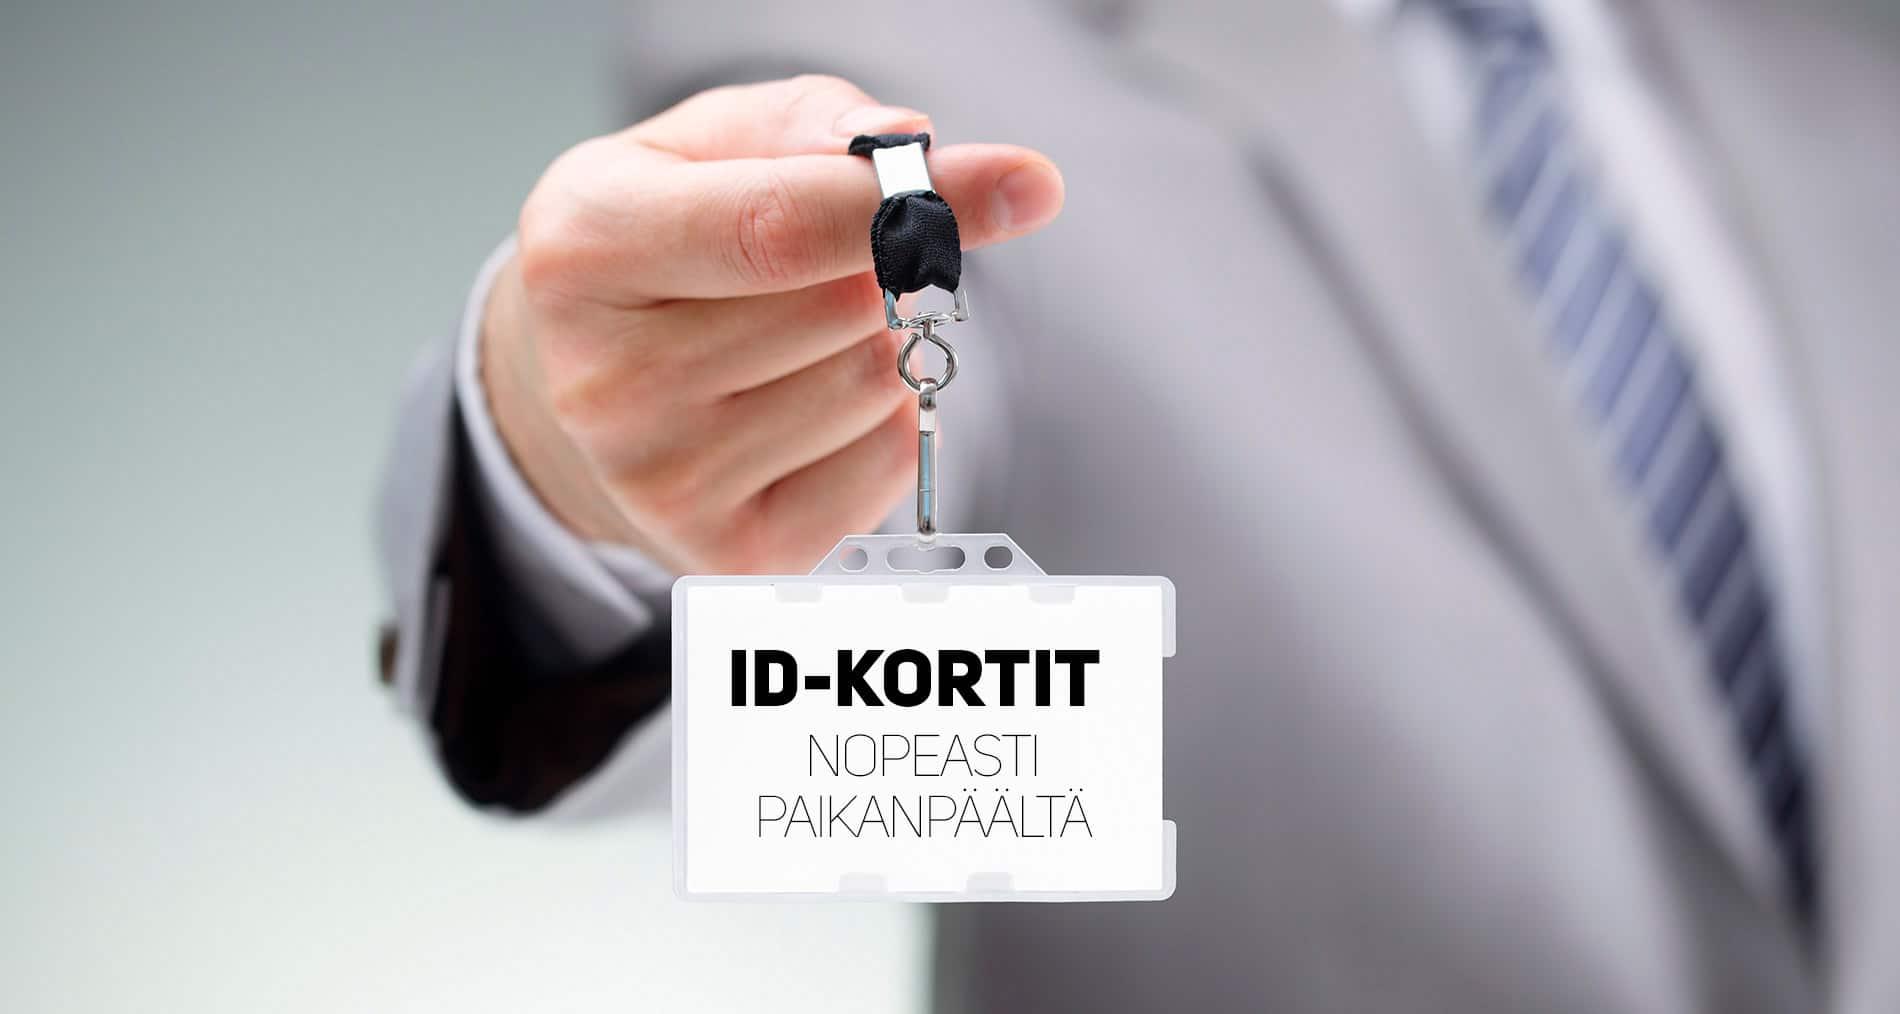 ID kortti tai kuvallinen henkilökortti nopeasti, jopa 1-3 tunnissa